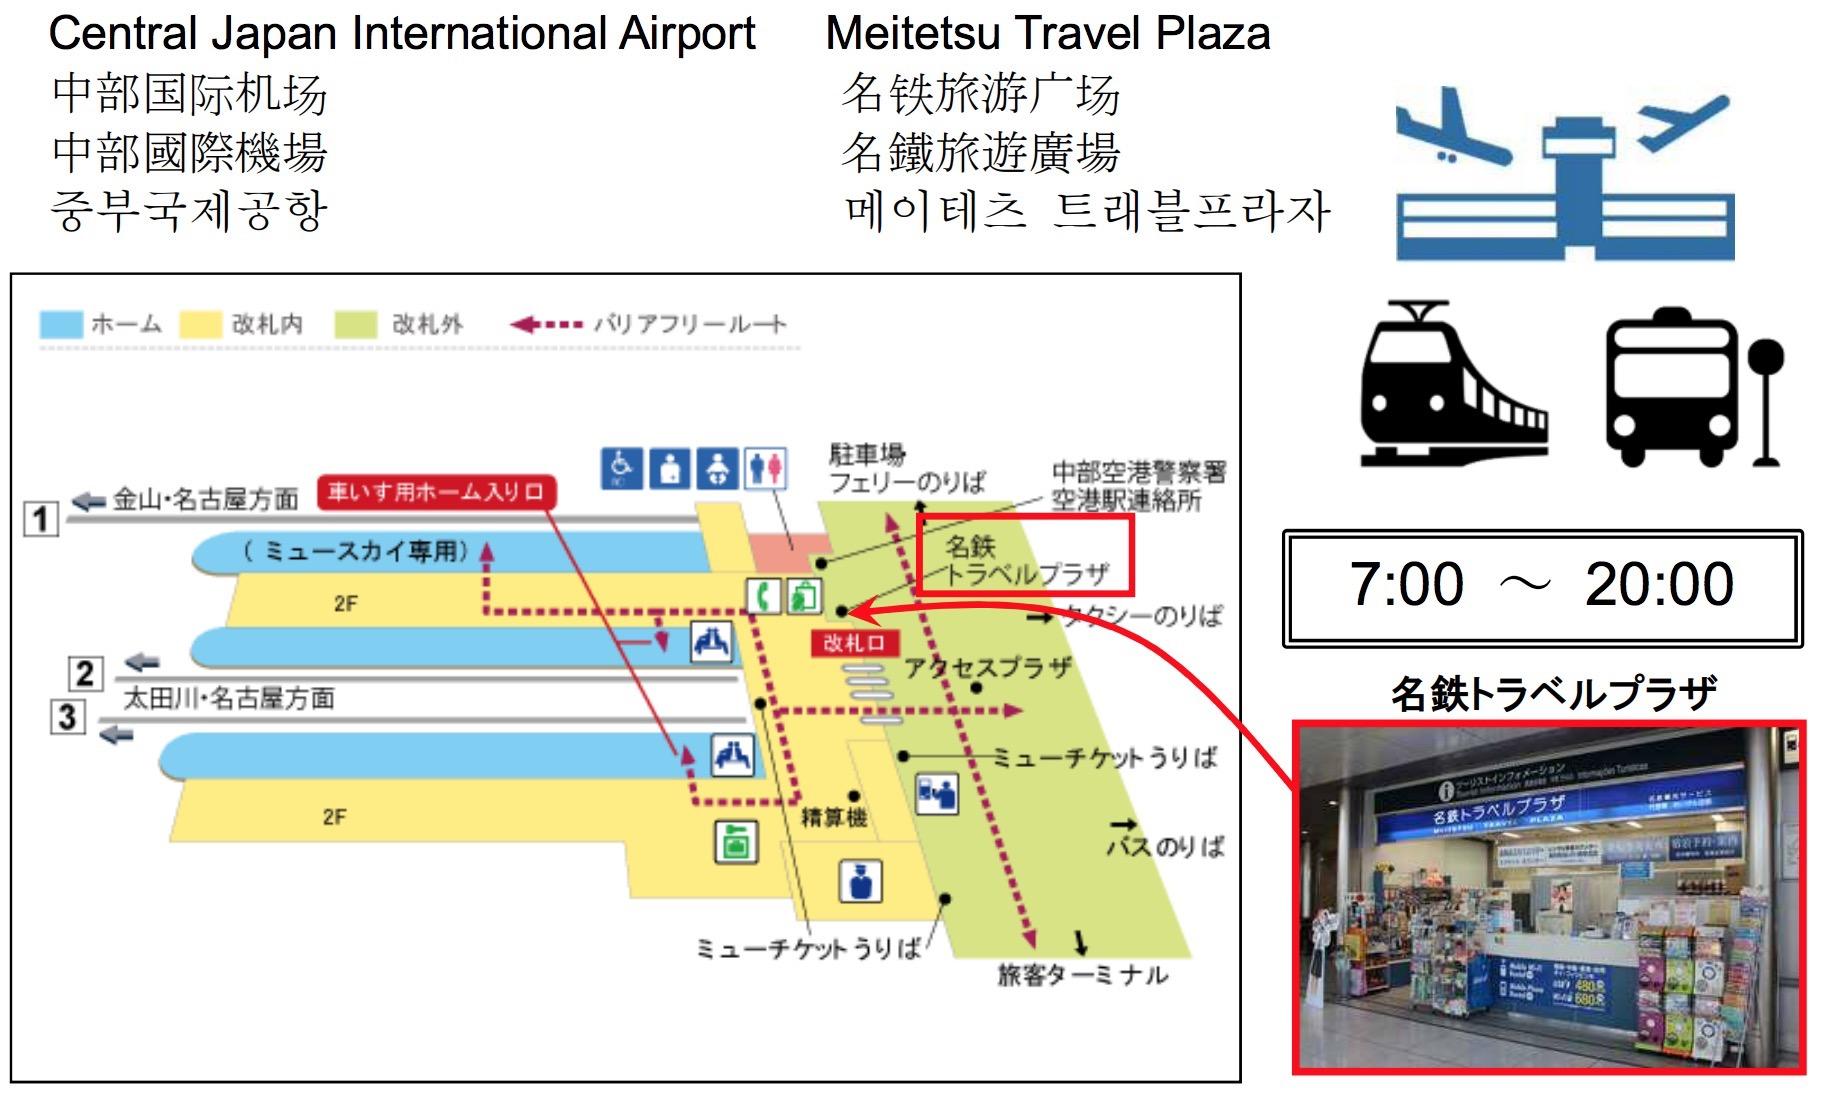 昇龍道高速巴士票卷 換票處-1